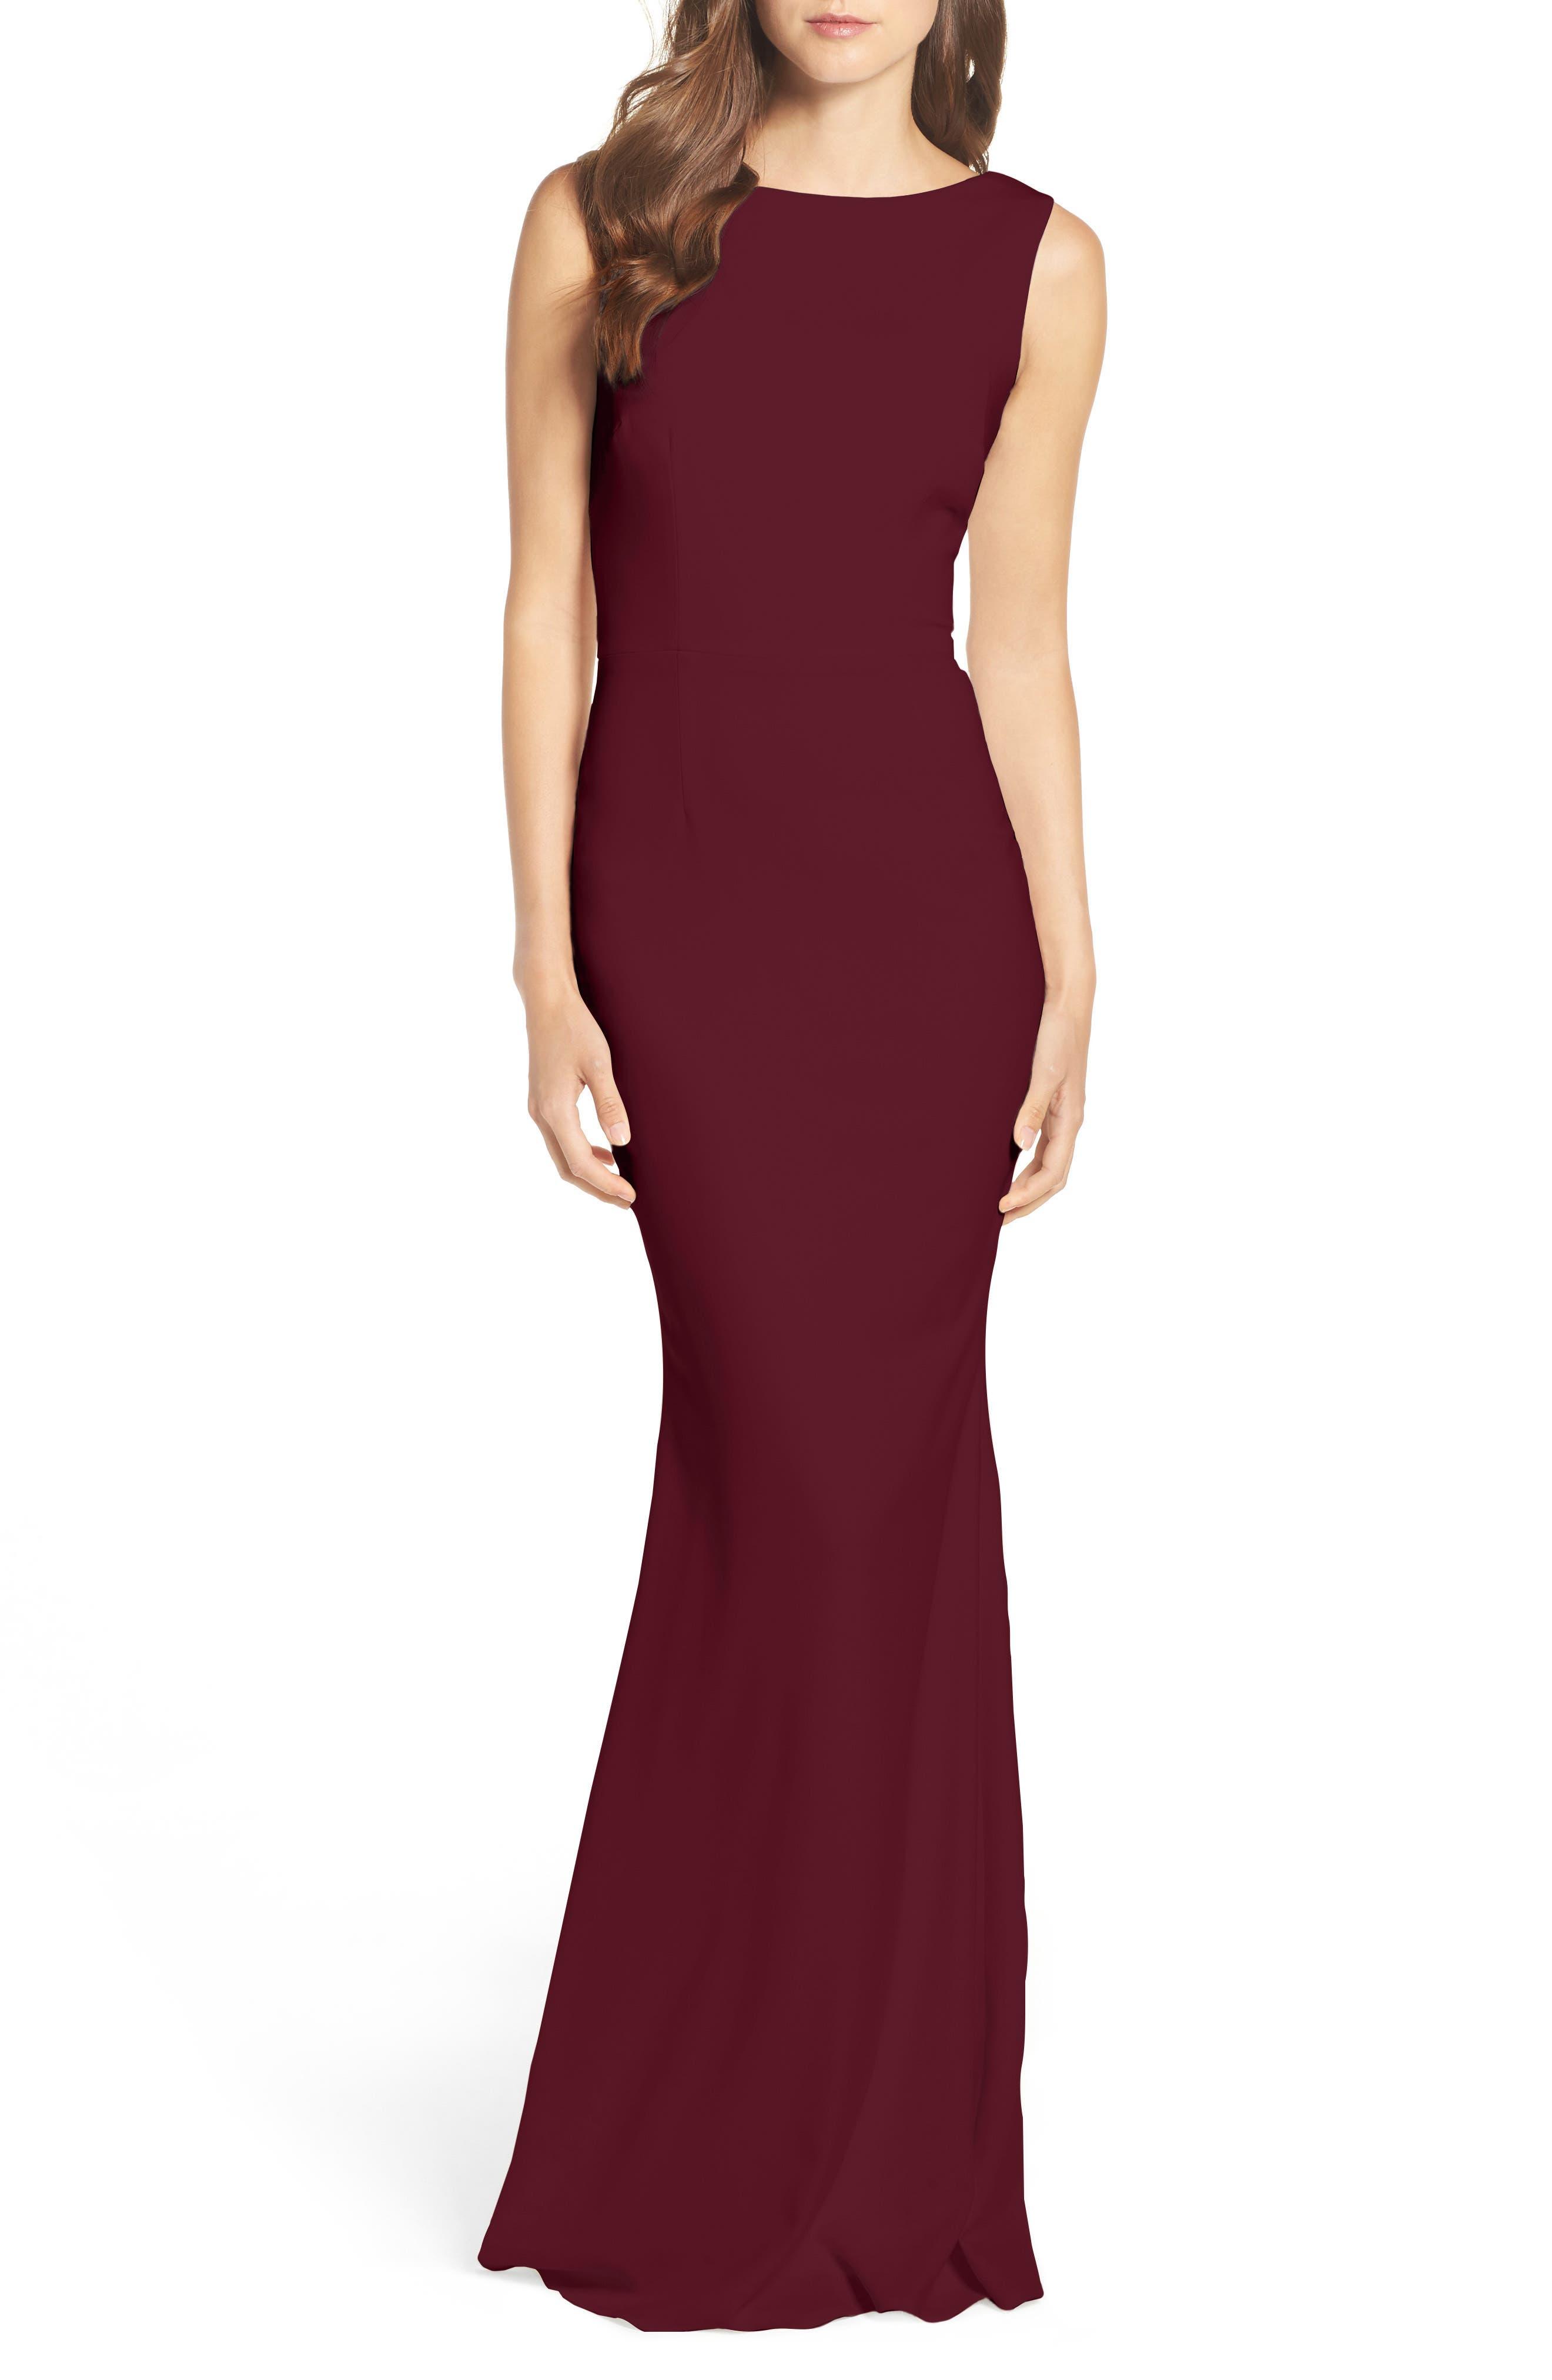 Vionnet Drape Back Crepe Gown,                         Main,                         color, BORDEAUX